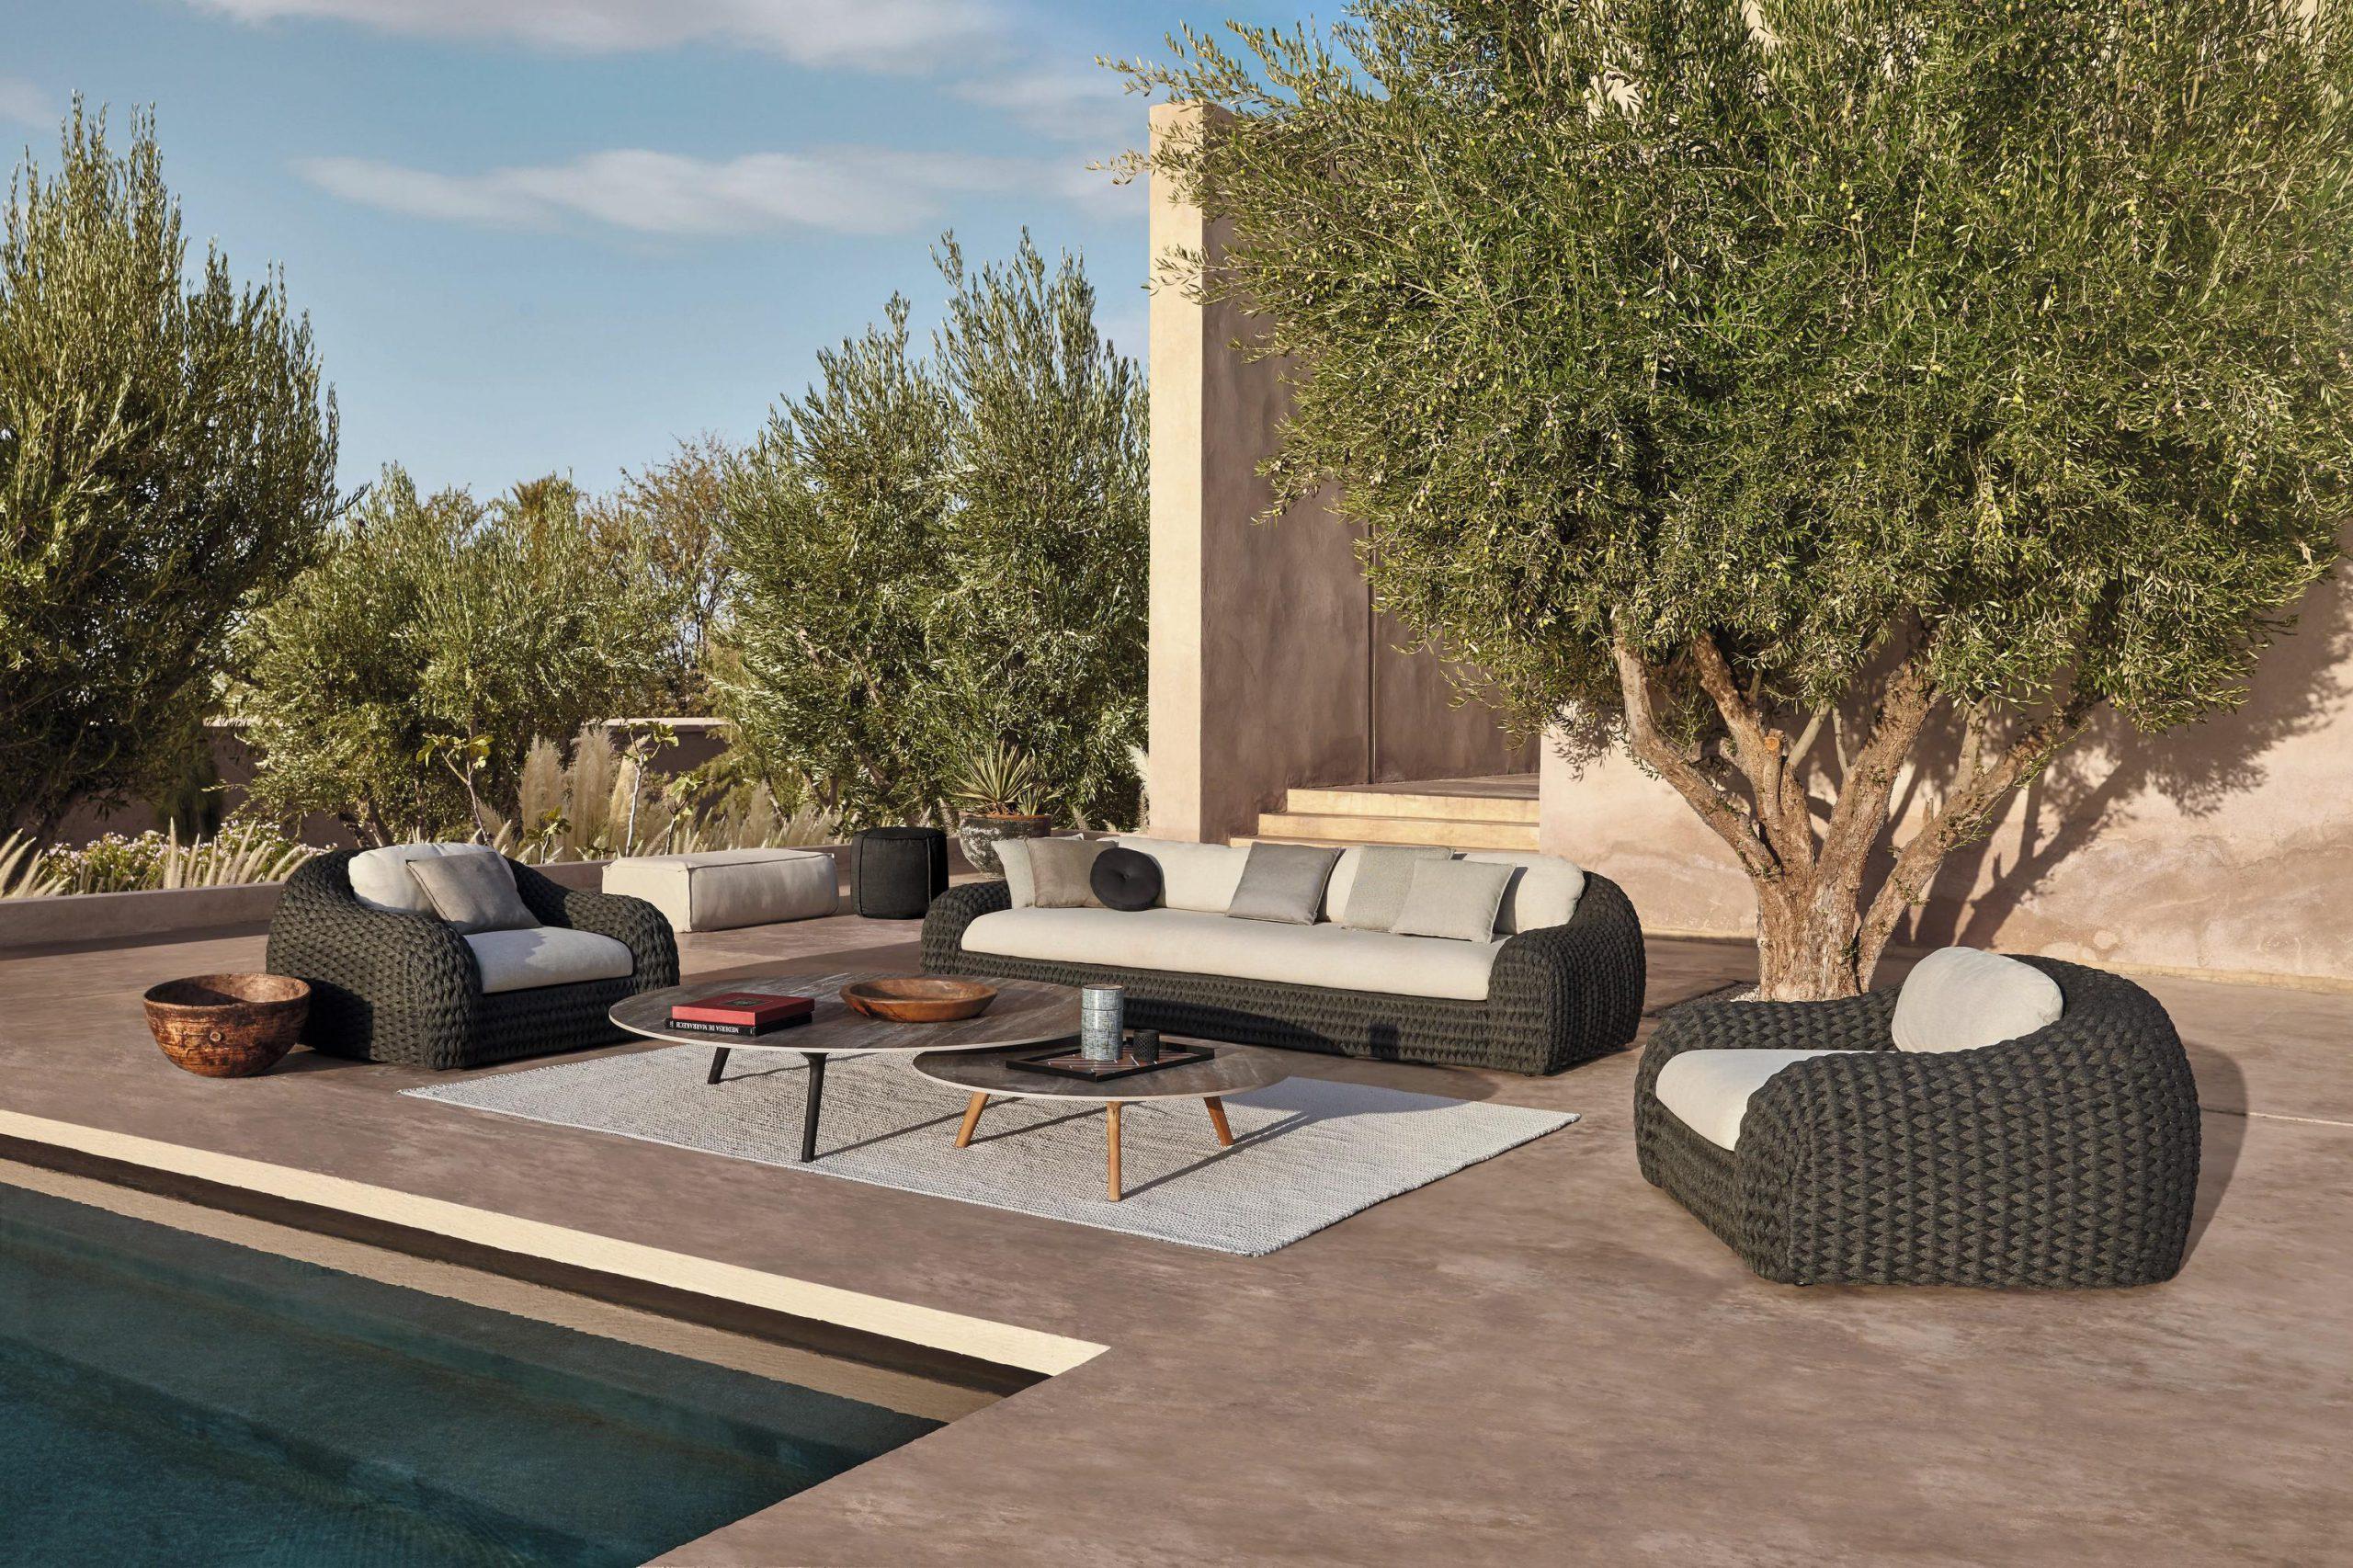 En exklusiva utemöbler som passar perfekt i din trädgård eller runt poolen.